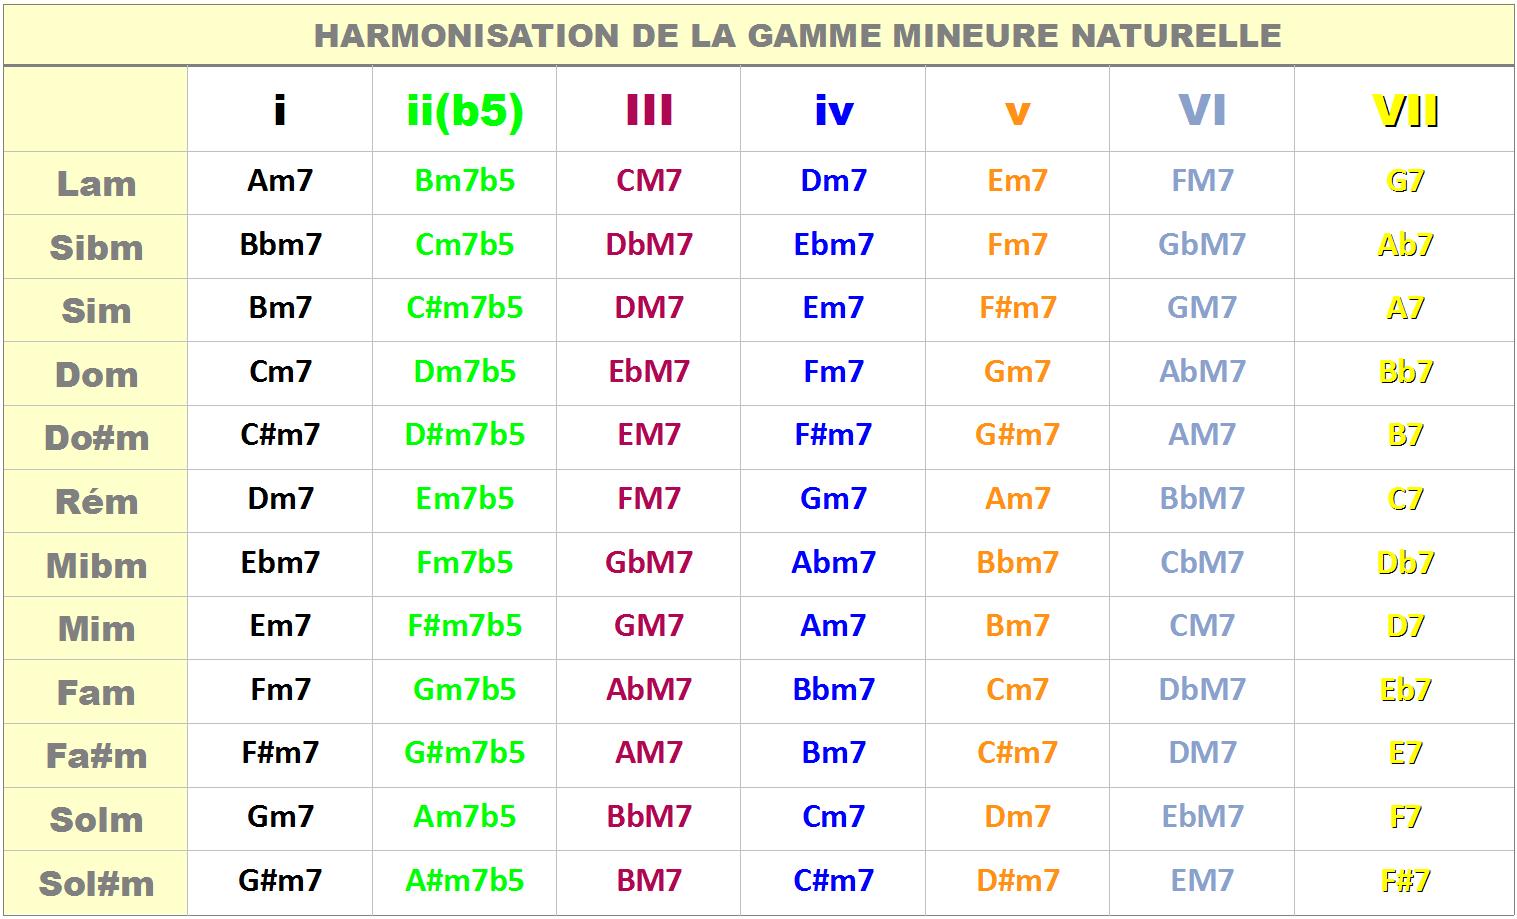 Tableau d'harmonisation de la gamme mineure naturelle